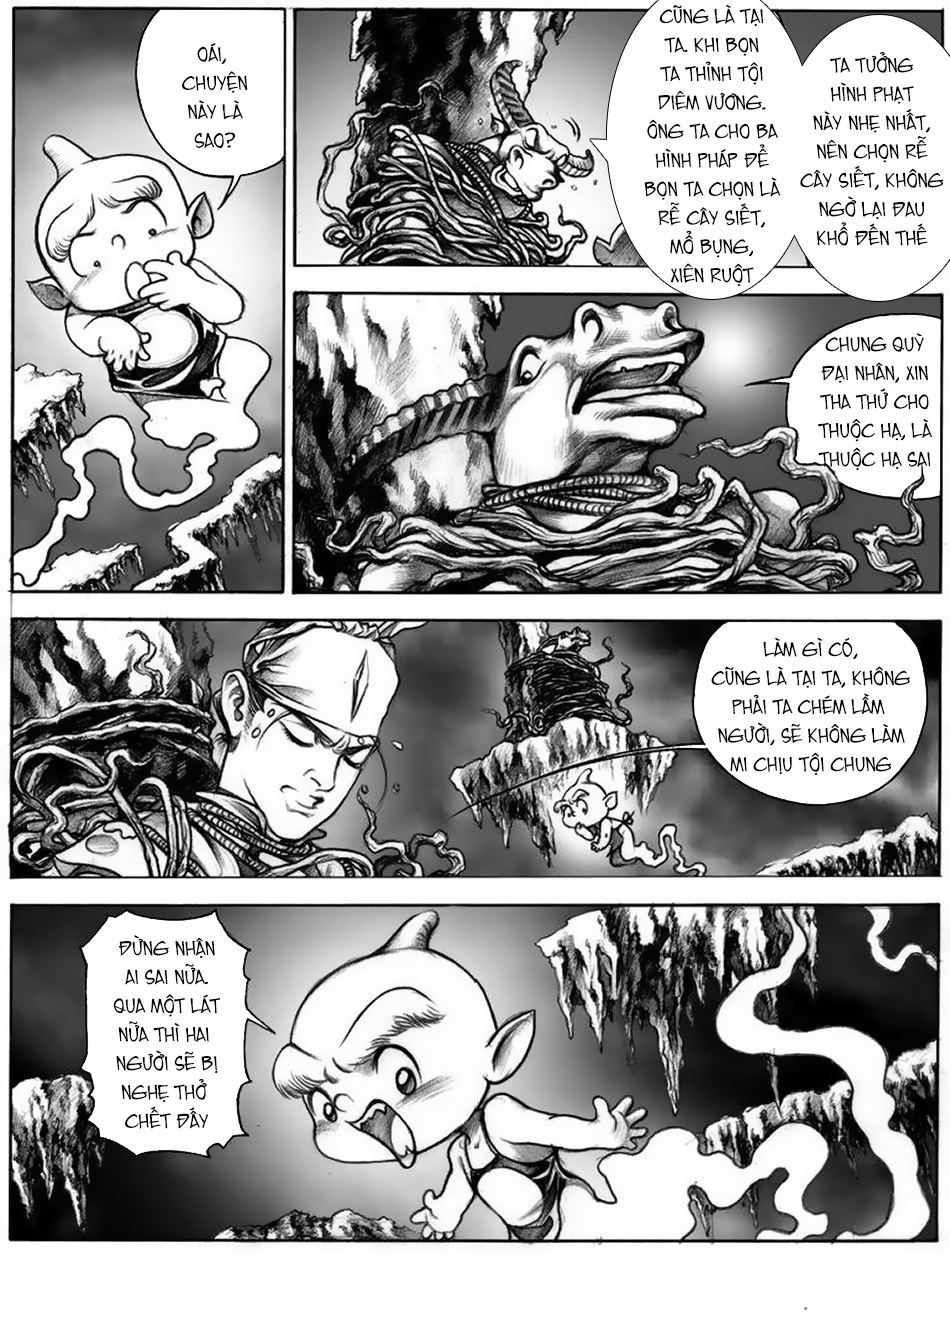 Chung Quỳ Truyền Kỳ Chap 12 - Next Chap 13